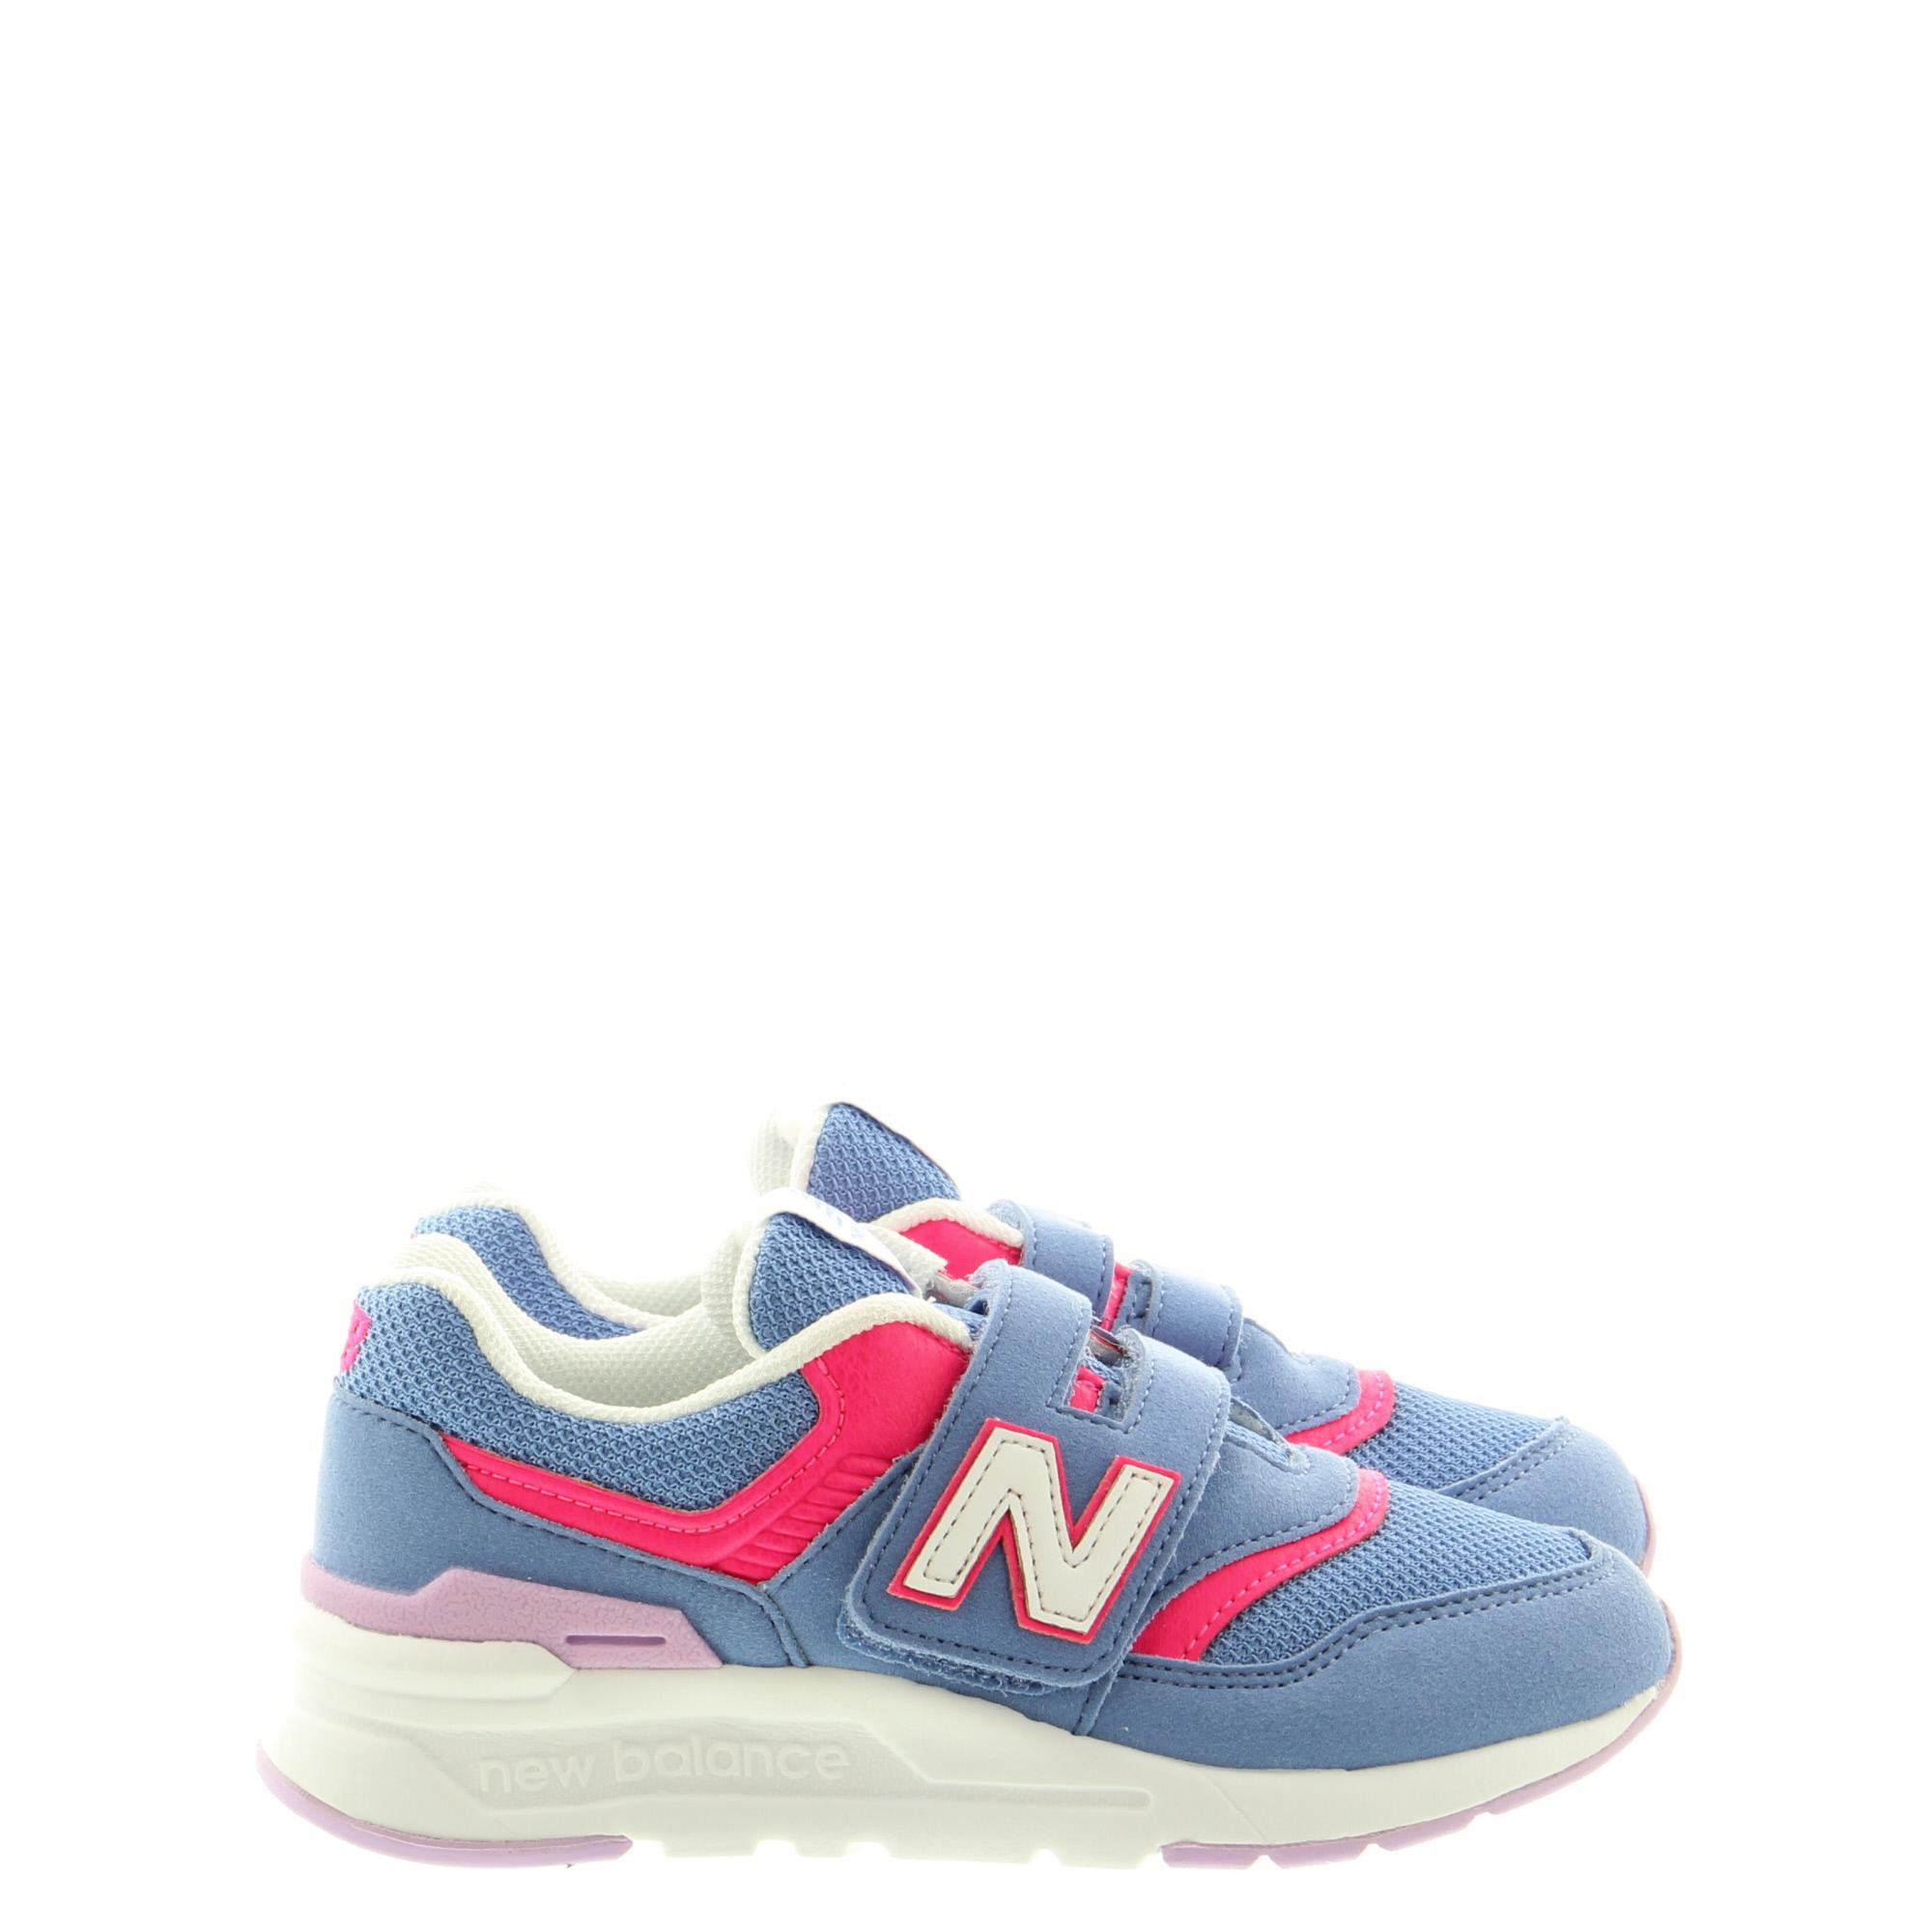 New Balance PR997 HSP Blue